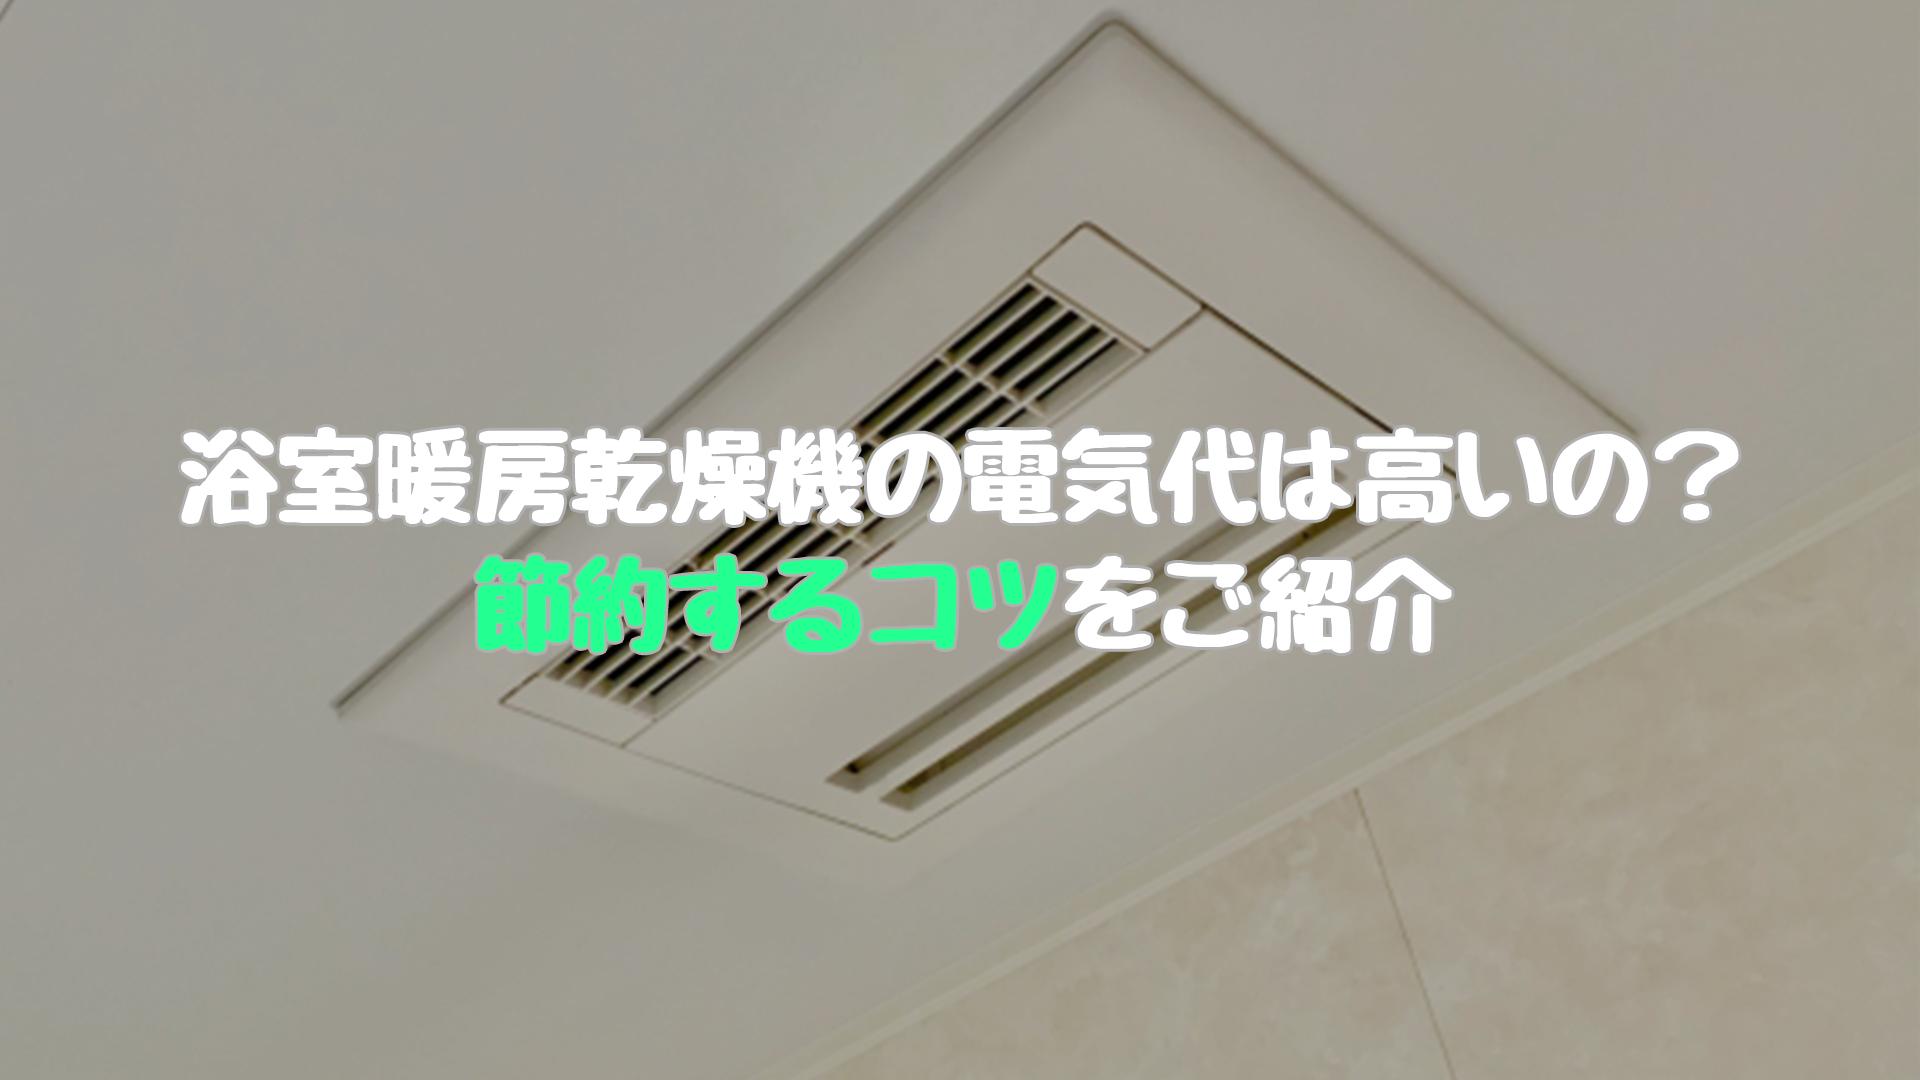 浴室暖房乾燥機の電気代は高いの?節約するコツをご紹介